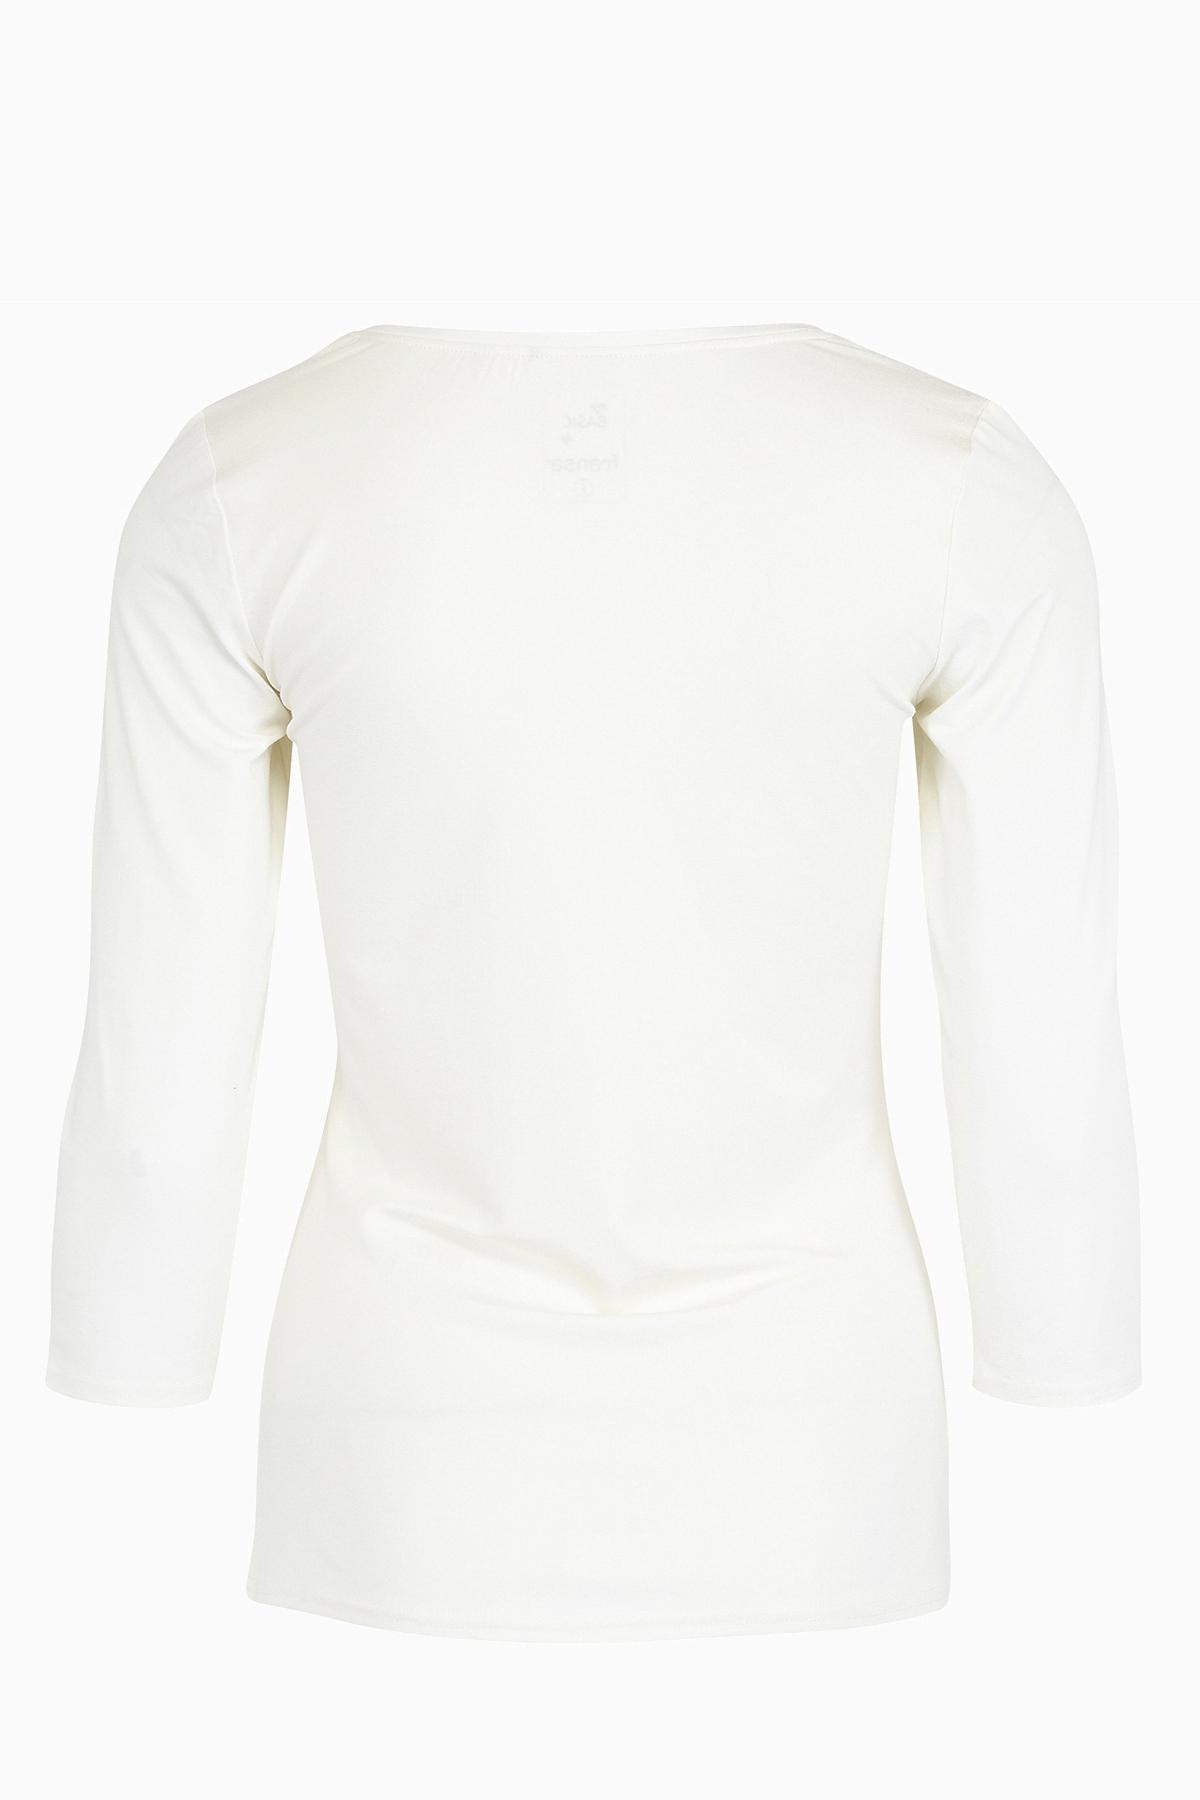 Wollweiß Langarm T-Shirt von Fransa – Shoppen Sie Wollweiß Langarm T-Shirt ab Gr. XS-XXL hier